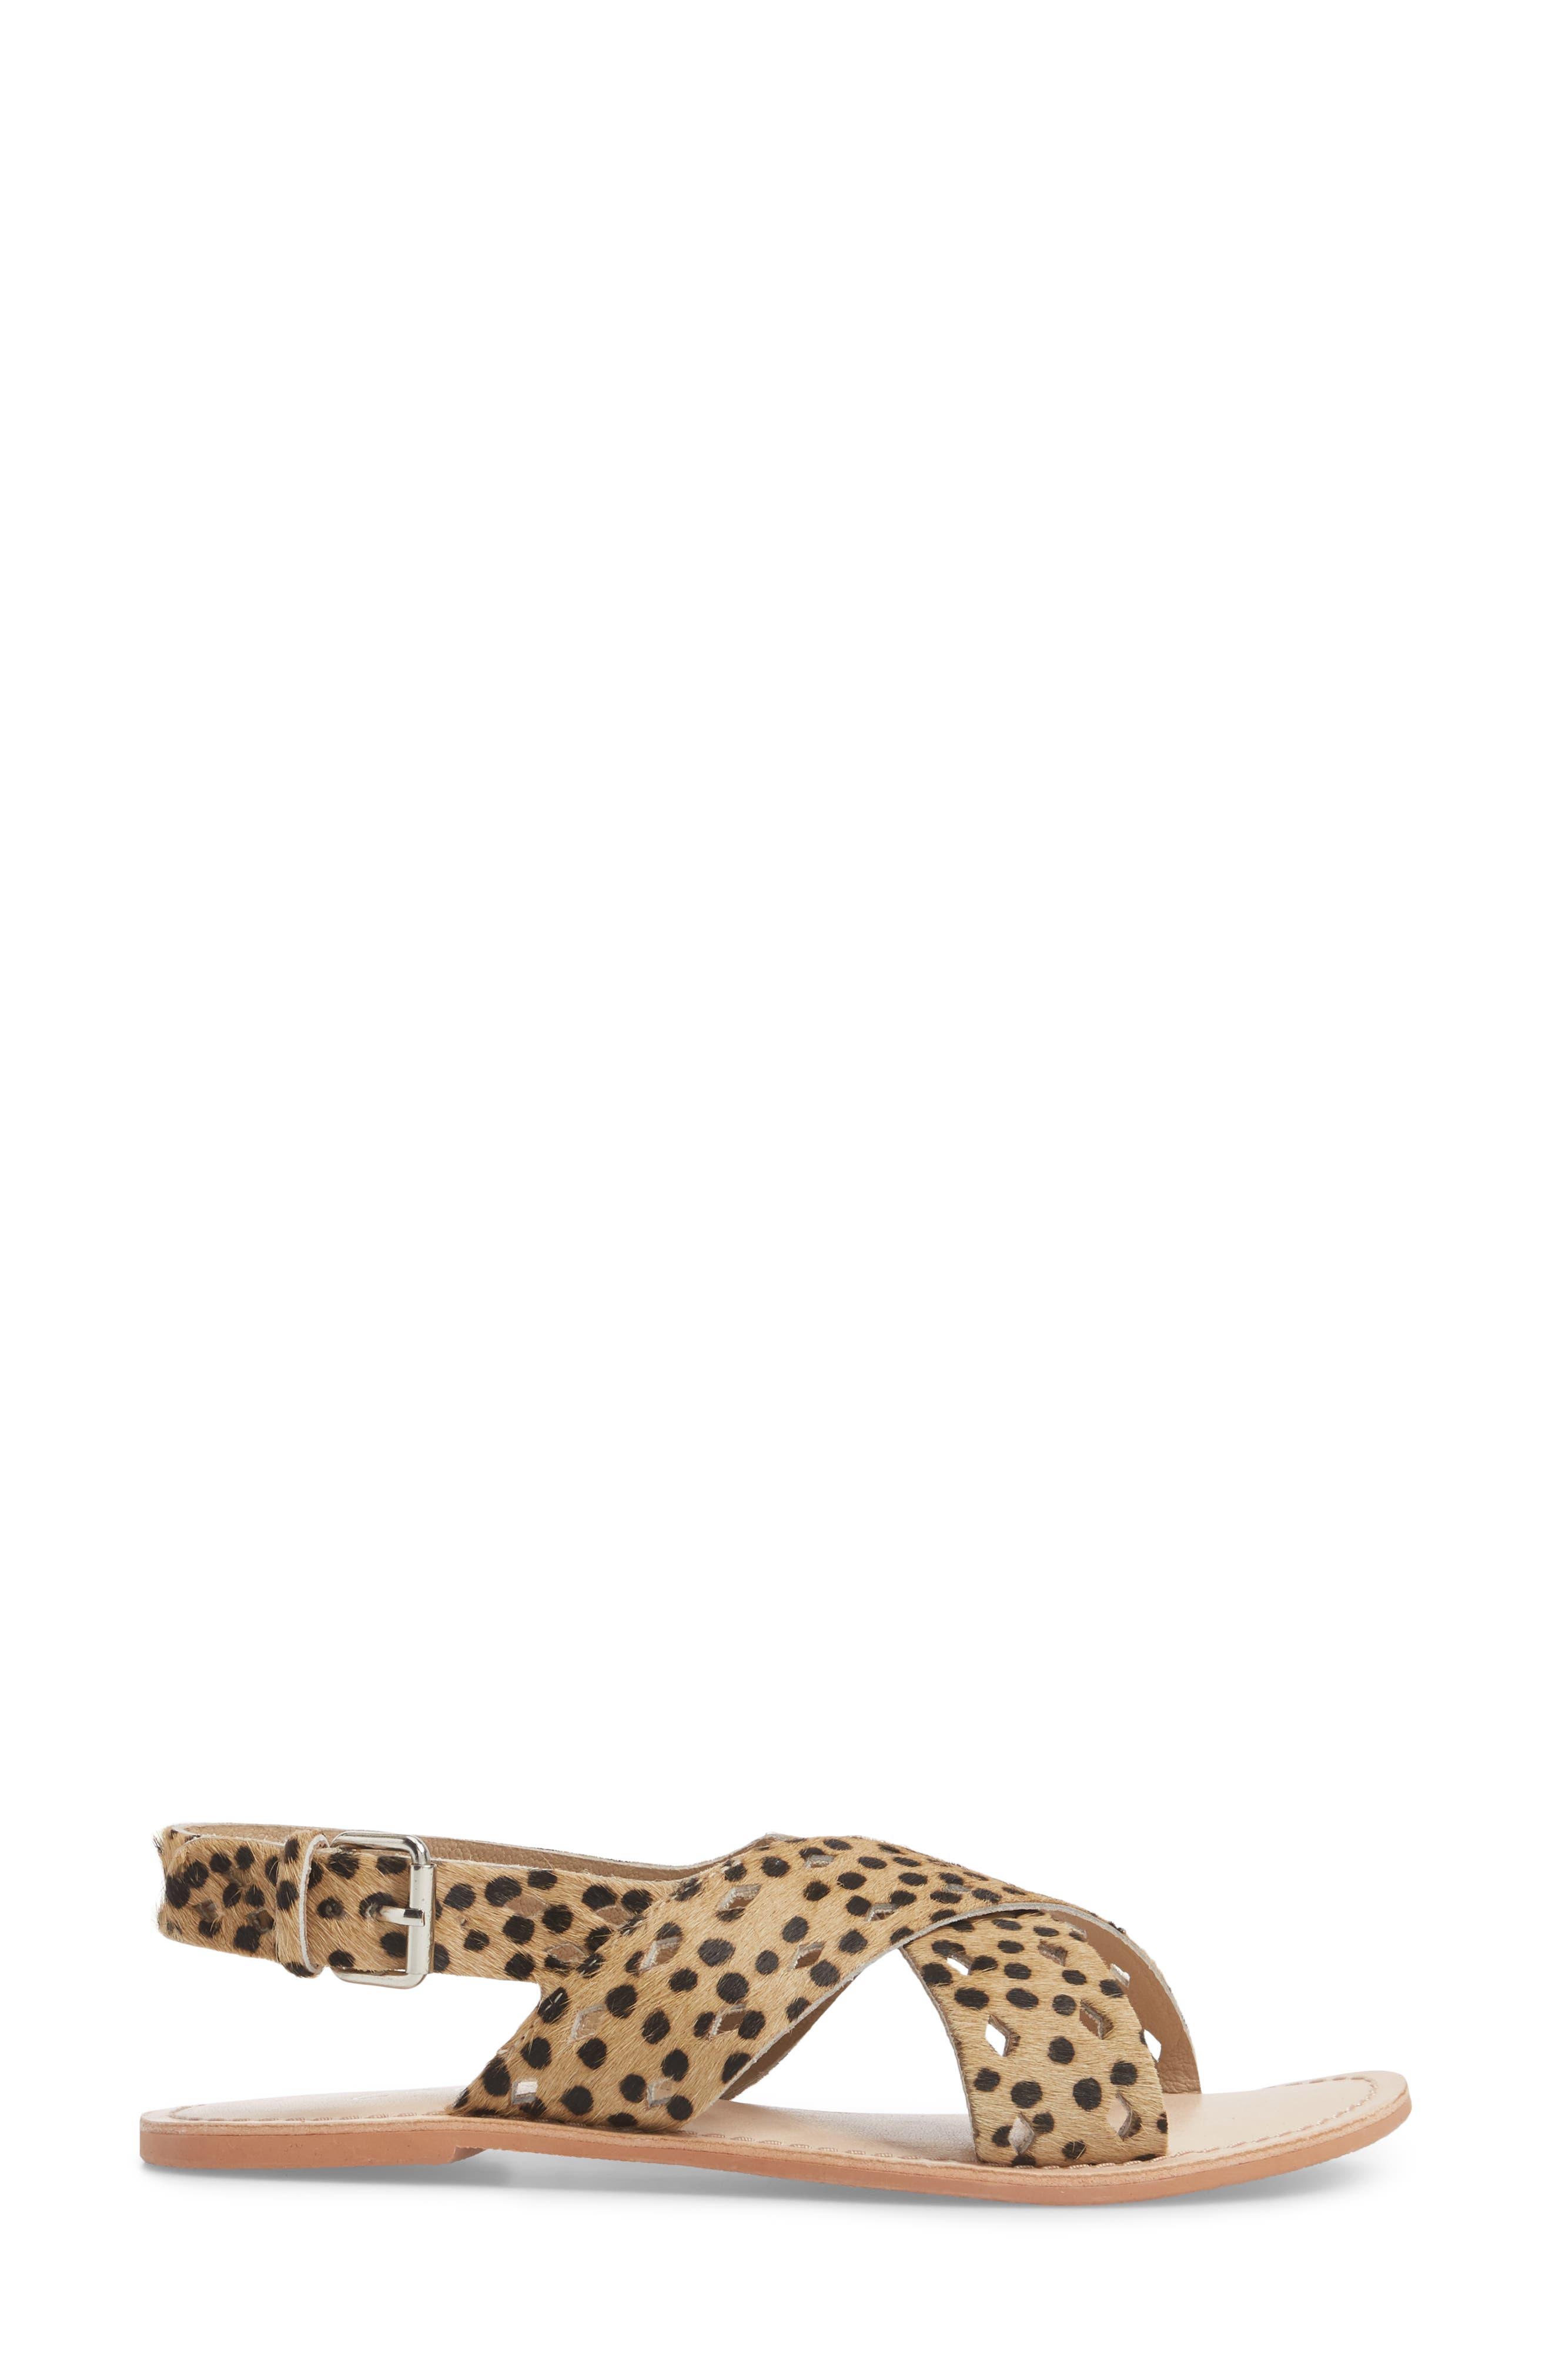 Whistler Genuine Calf Hair Sandal,                             Alternate thumbnail 3, color,                             Leopard